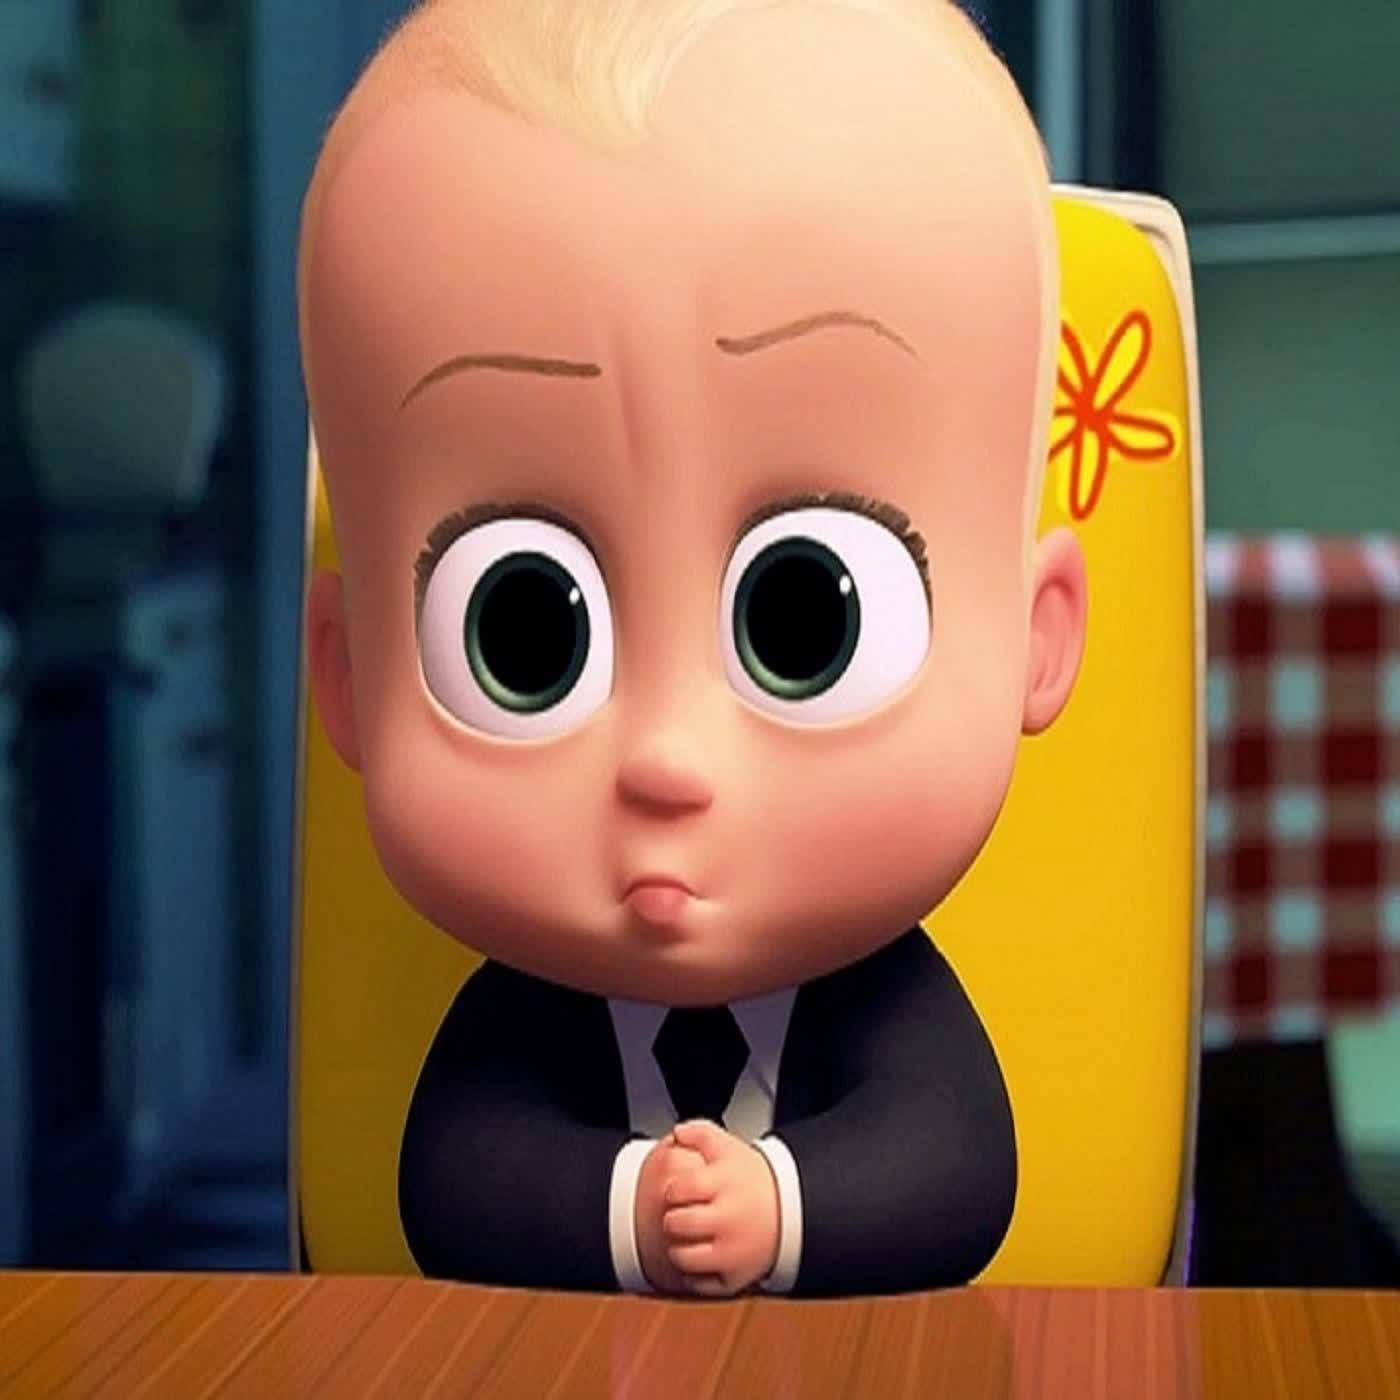 Stream Boss Baby 2 Flixtor Full Free Movie Online In HD